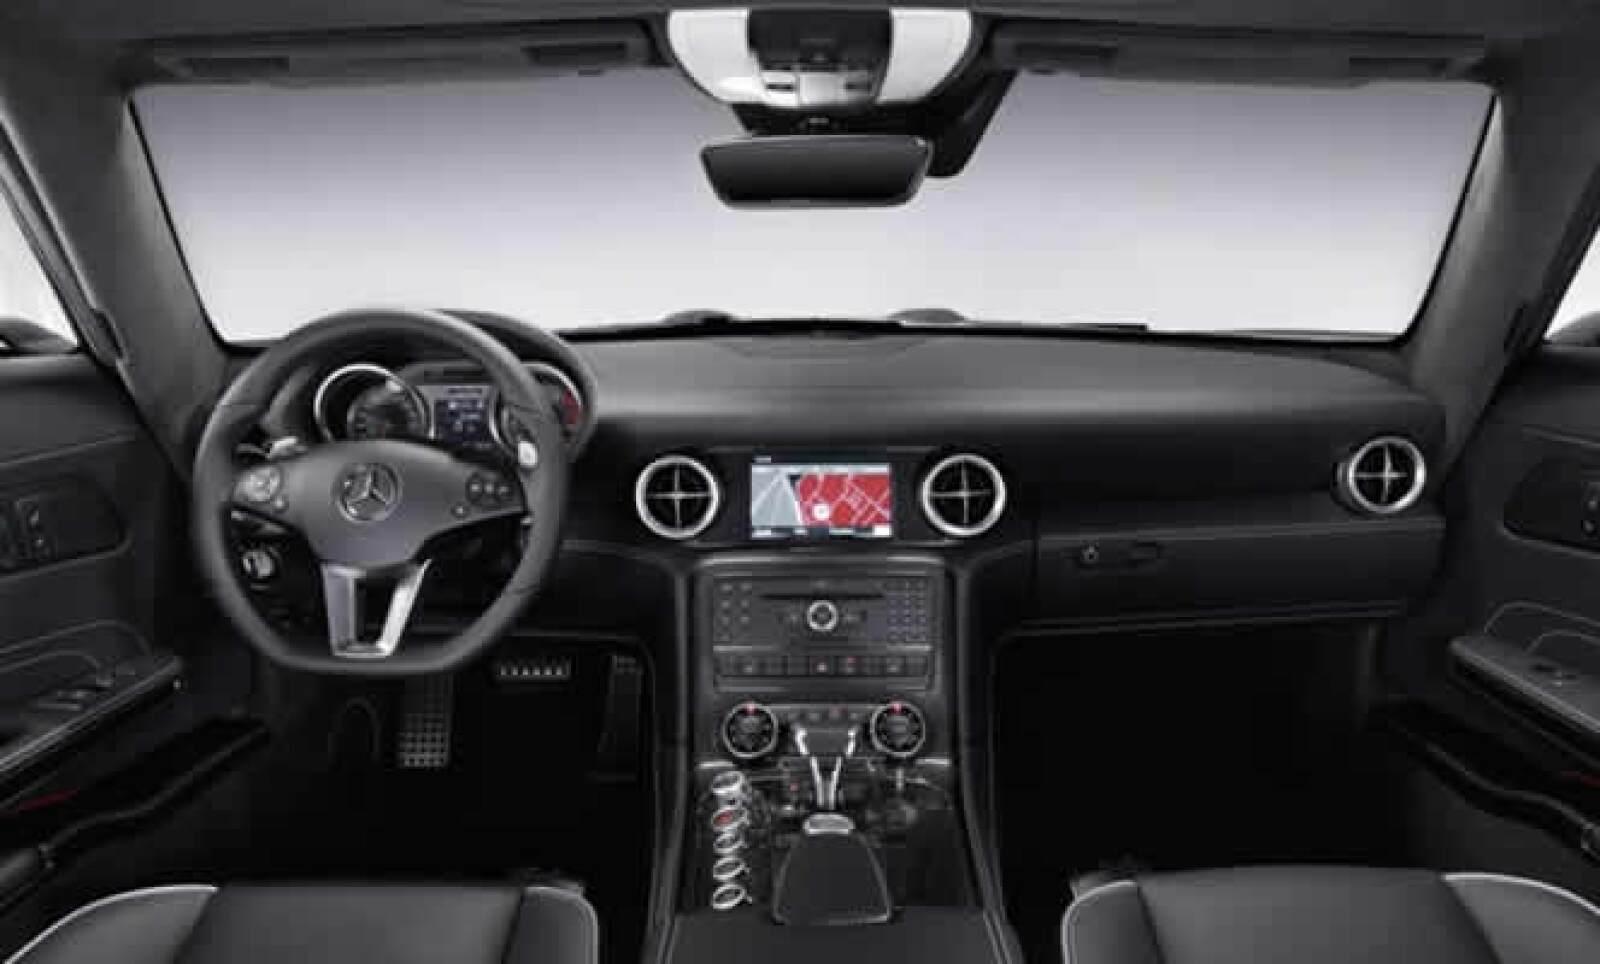 La ingeniería de la aviación proporcionó la inspiración de los diseńadores para realizar el interior del vehículo.